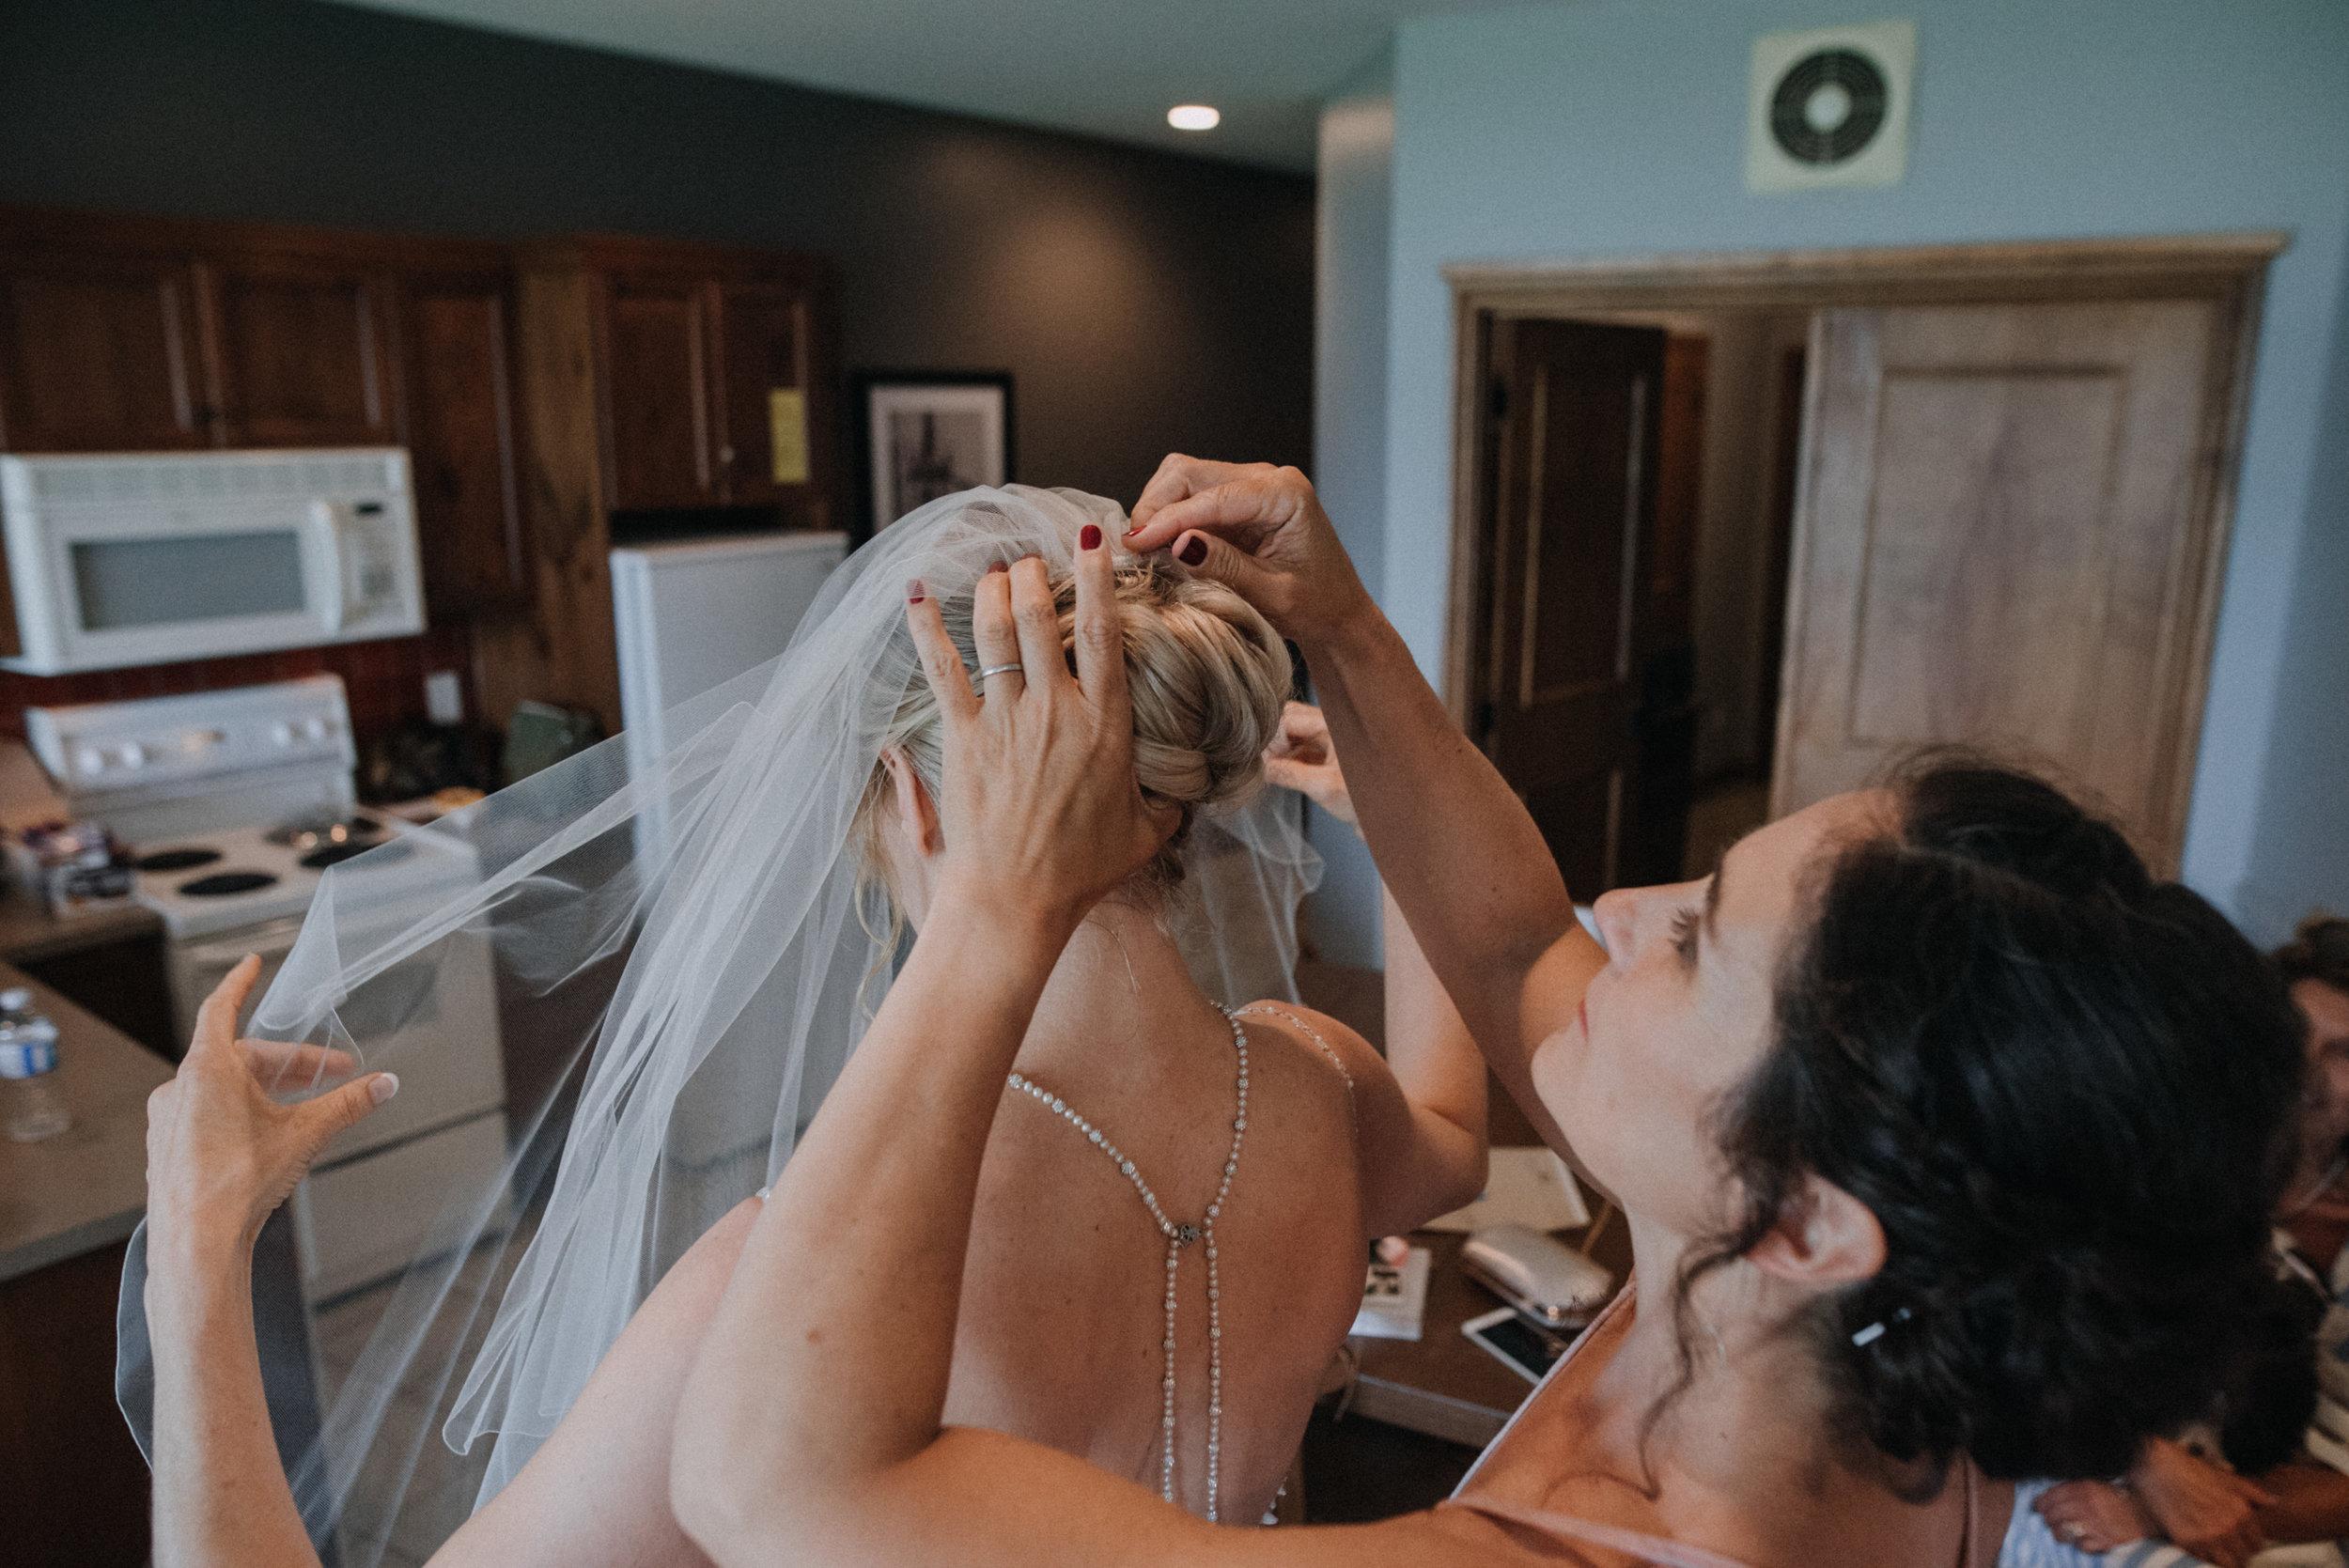 gatineau_photographe_mariage_ottawa_wedding_photography_documentary_candid_unposed_lifestyle_photography_photographie_613_family_famille (25).jpg